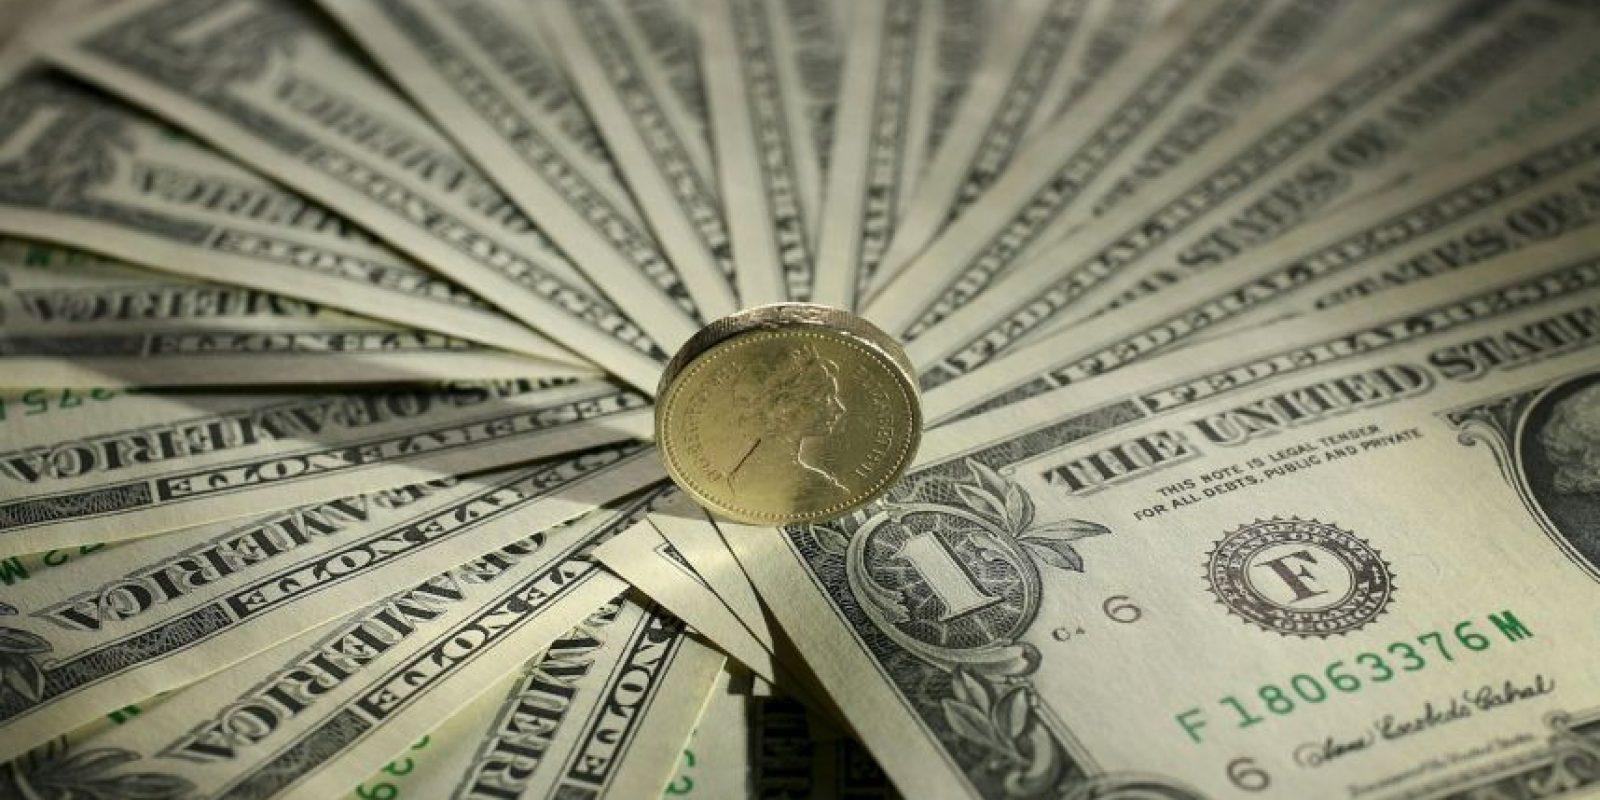 La cantidad depositada era de 14 mil dólares. Foto:Getty Images